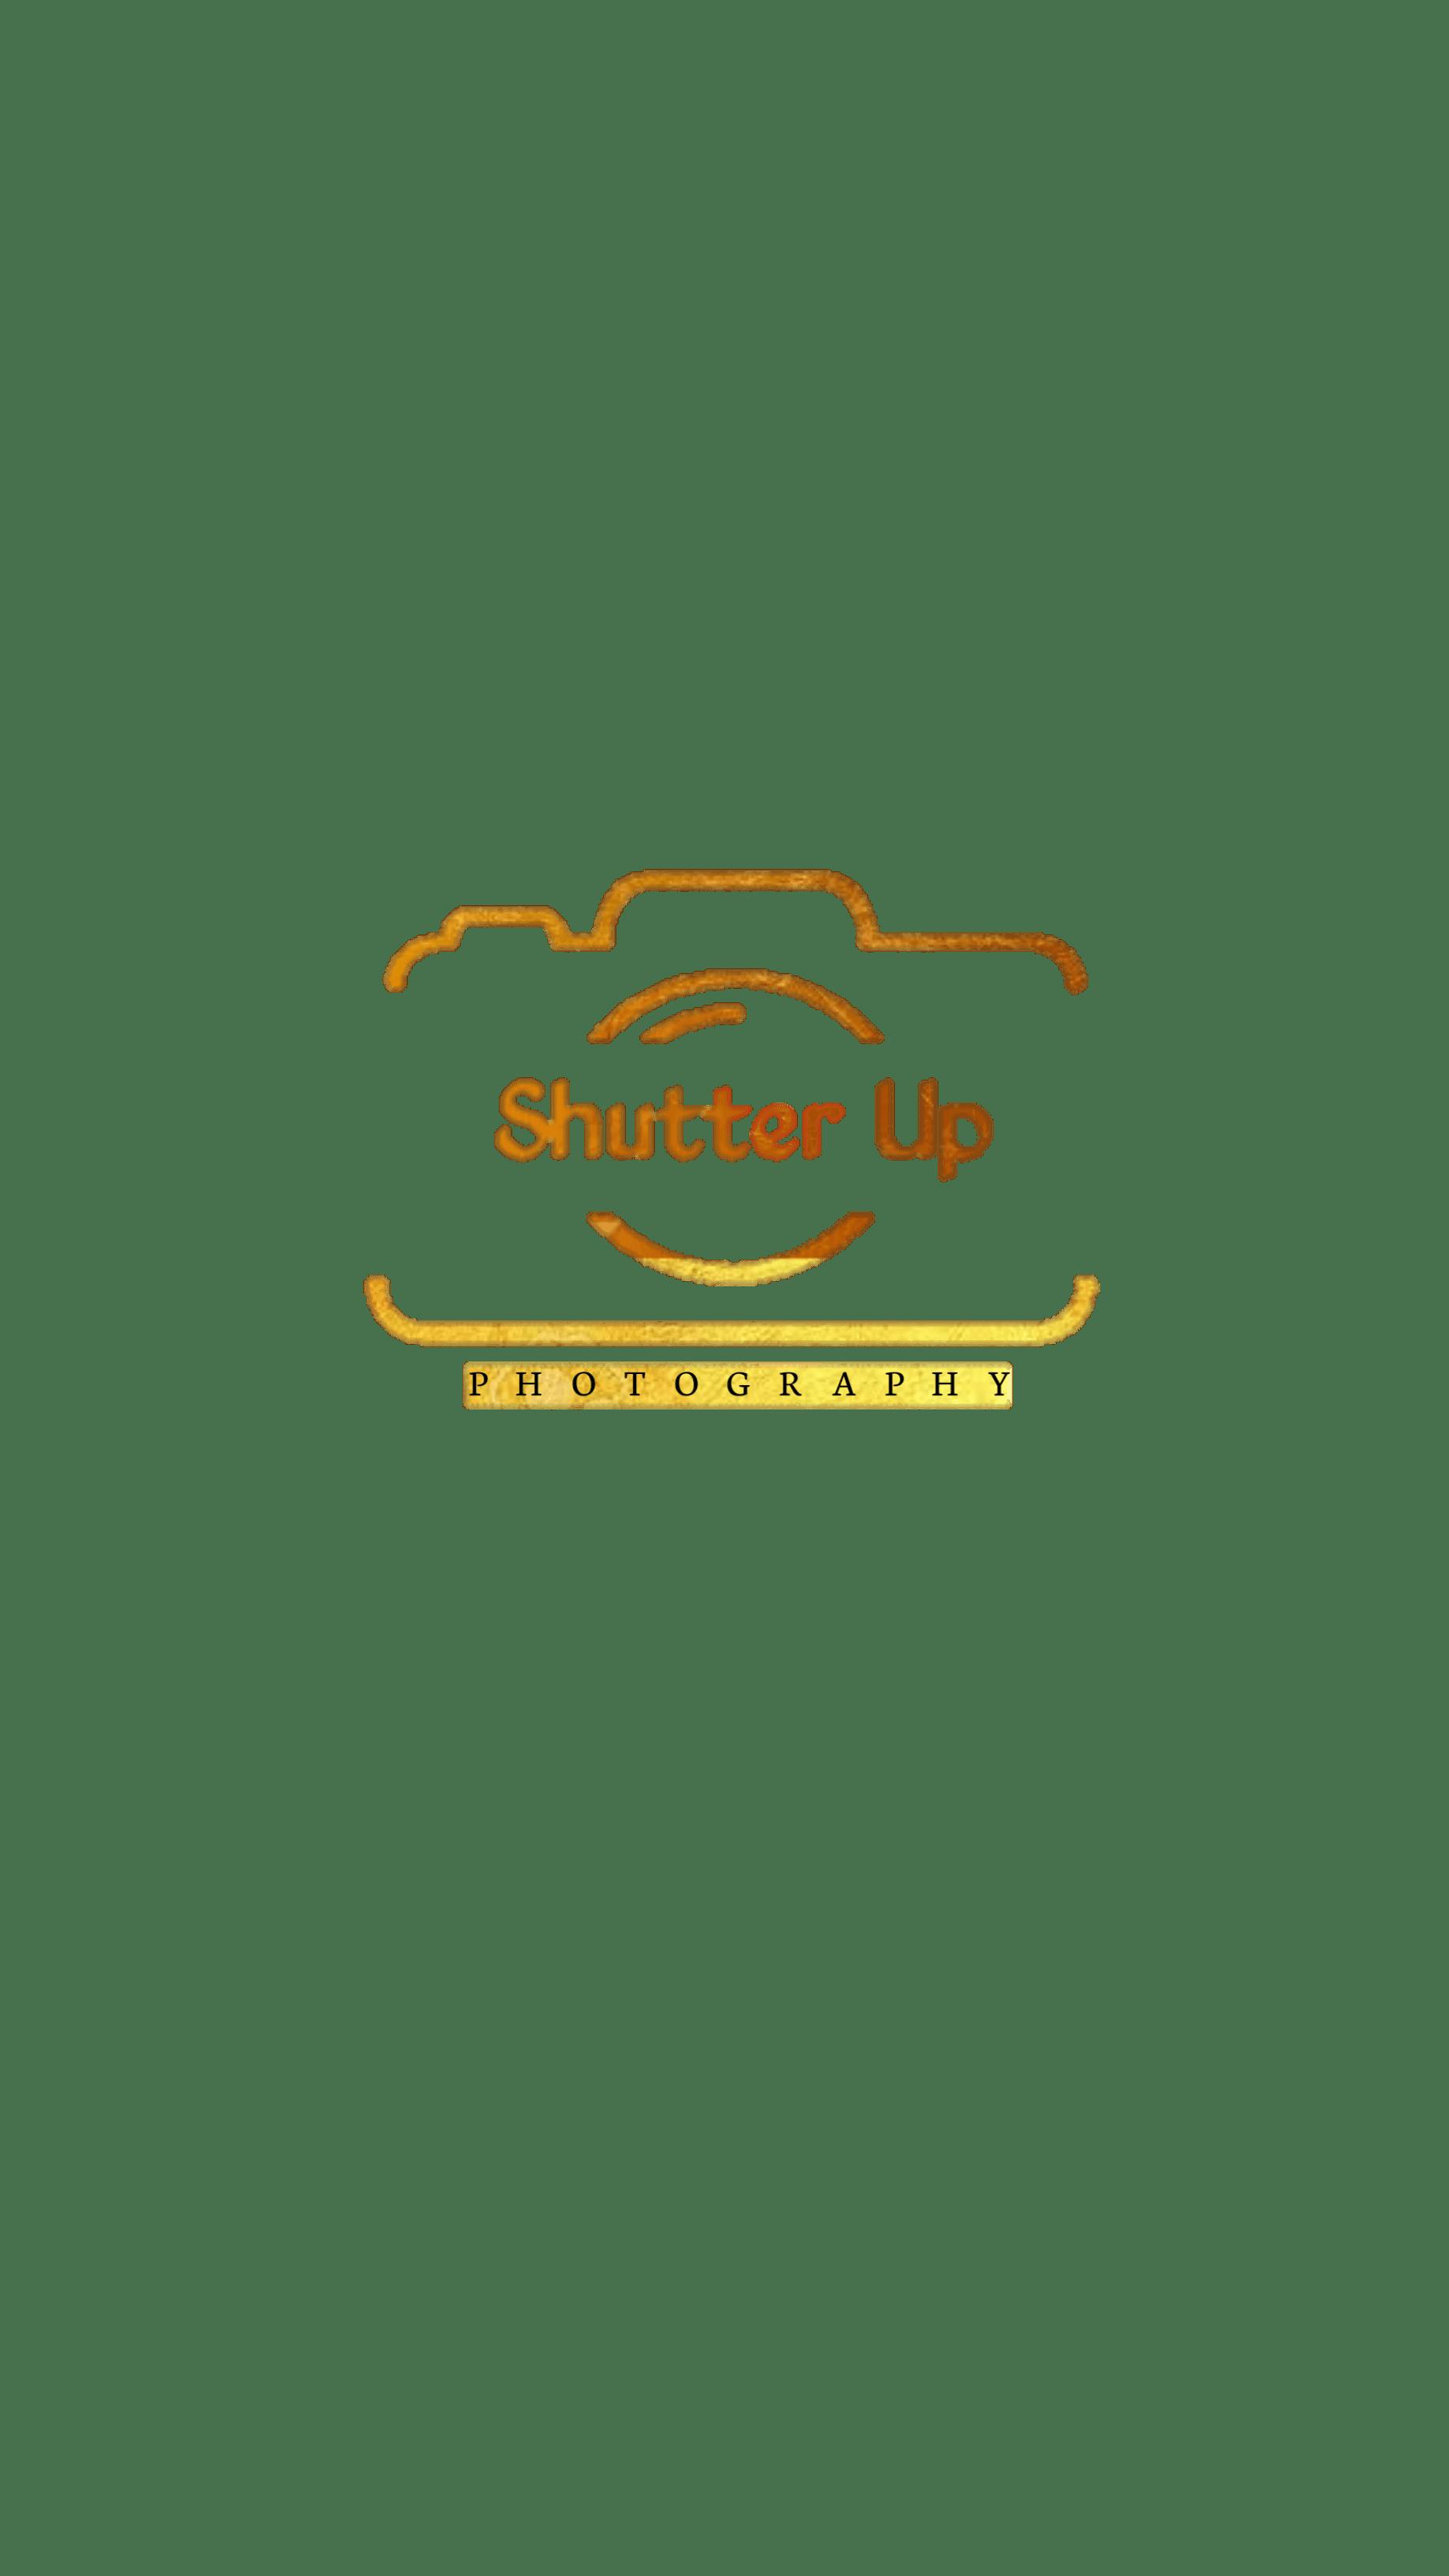 Shutter Up